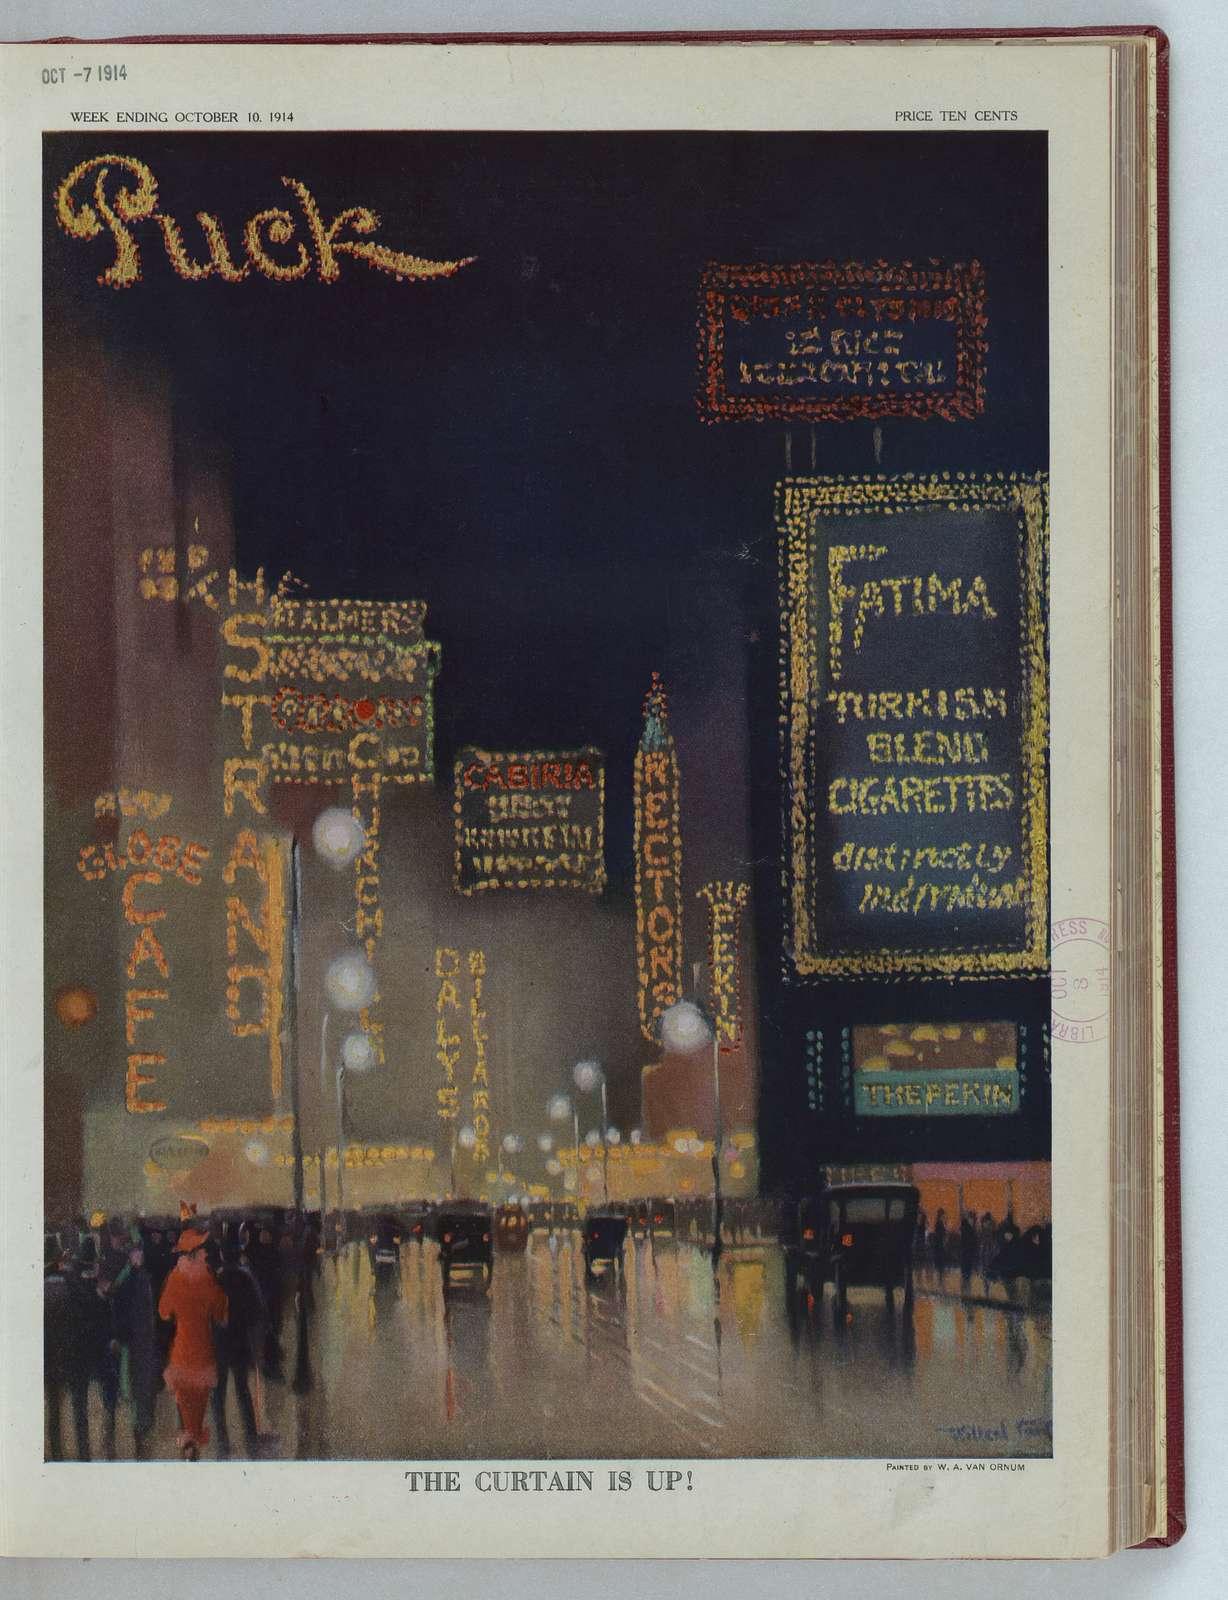 The curtain is up! / Willard Van O ; painted by W.A. Van Ornum.